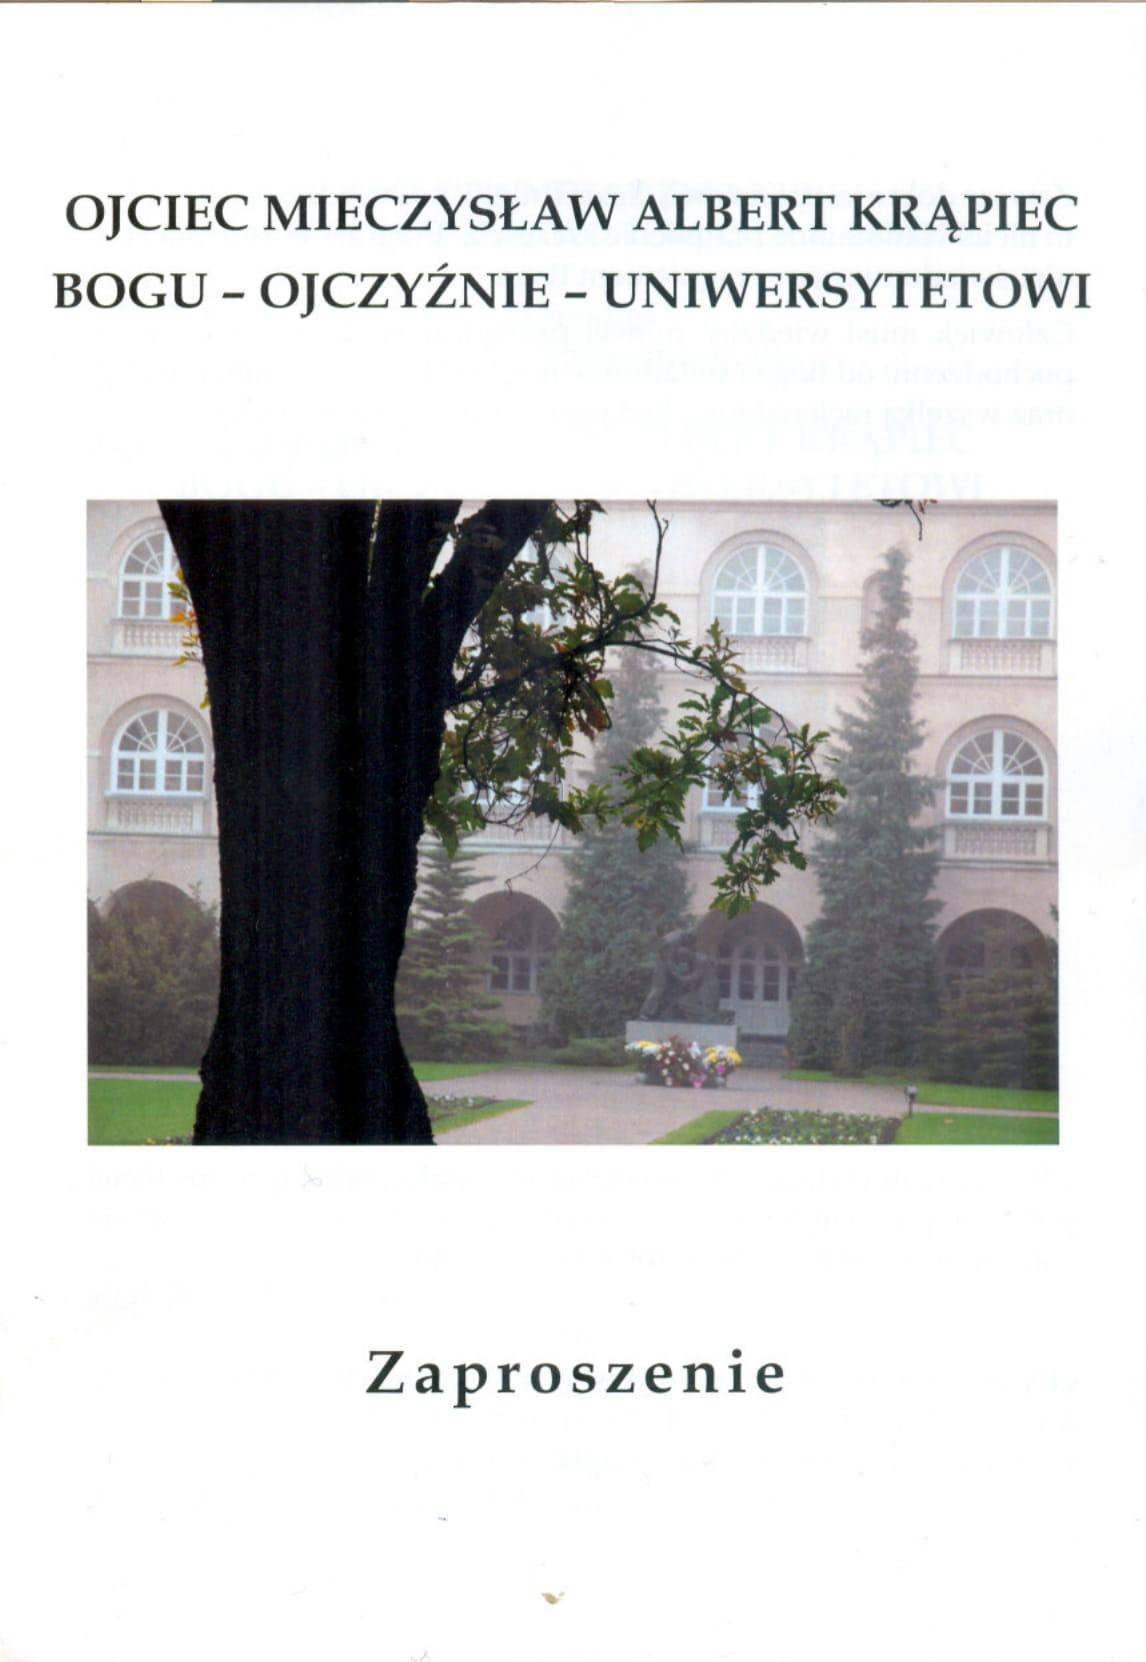 Zaproszenie Krąpiec 2018-1.jpg